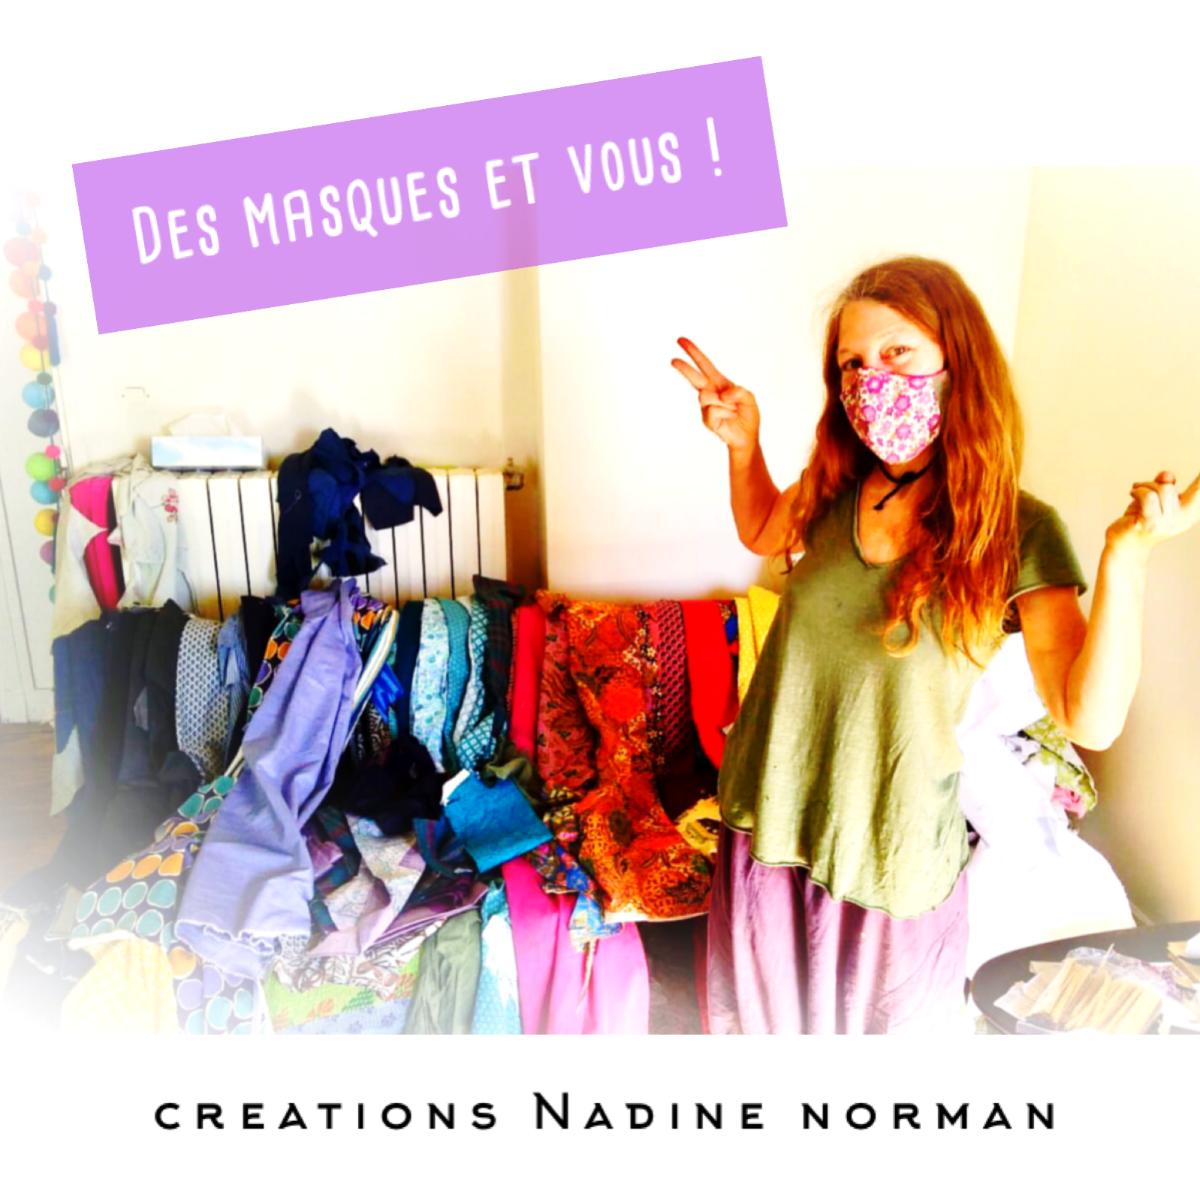 Collecte de fonds: « Des masques Et Vous » Creations Nadine Norman  Tant de magnifiques masques uniques à choisir Dites-moi vos couleurs et motifs préférées et je créerai a nouveau avec plein d'INSPIRATION et d'AMOUR 💕 des masques sur mesure JUSTE POUR VOUS !